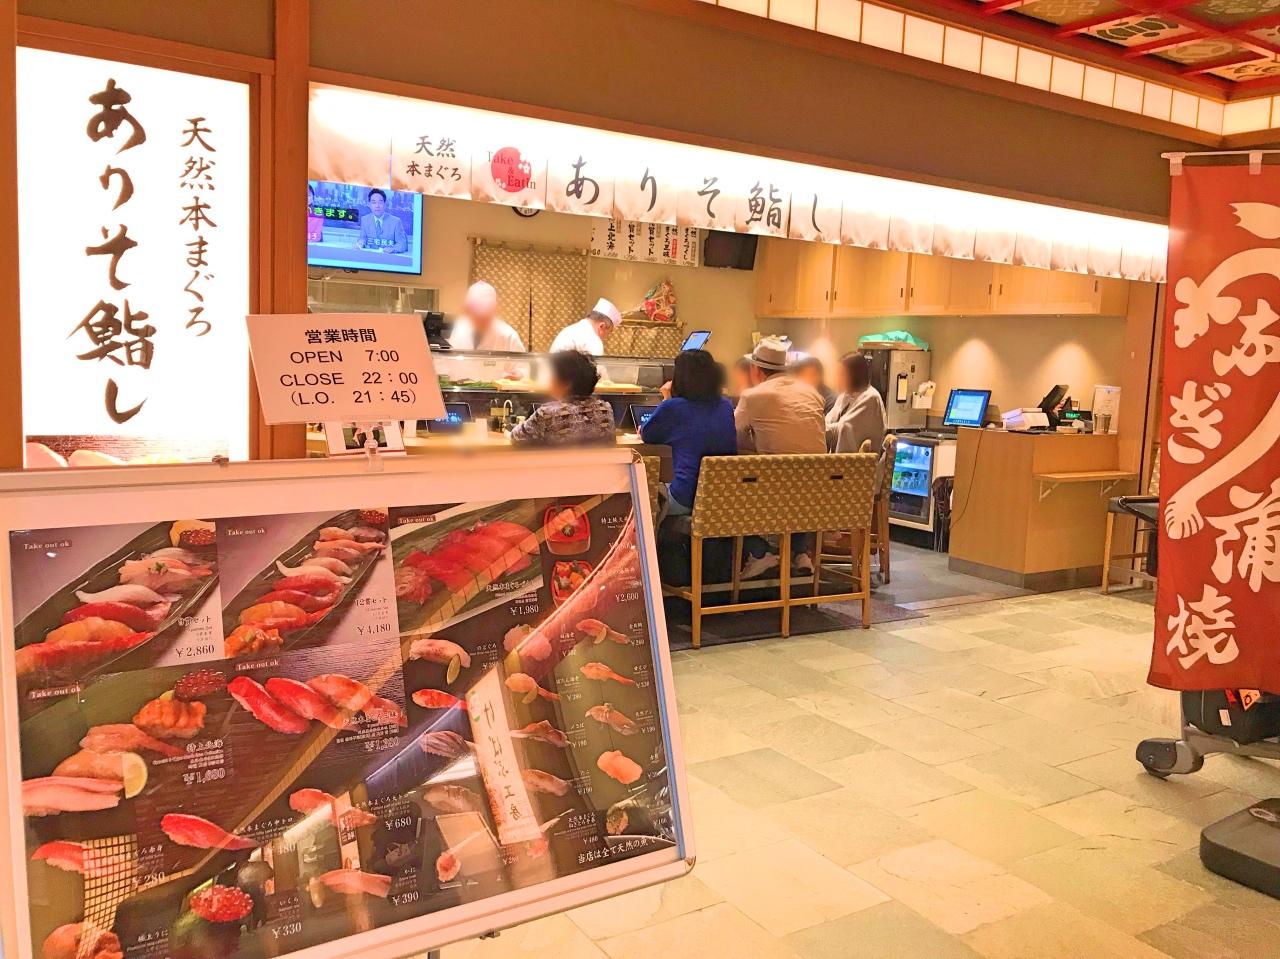 江戸小路レストラン2